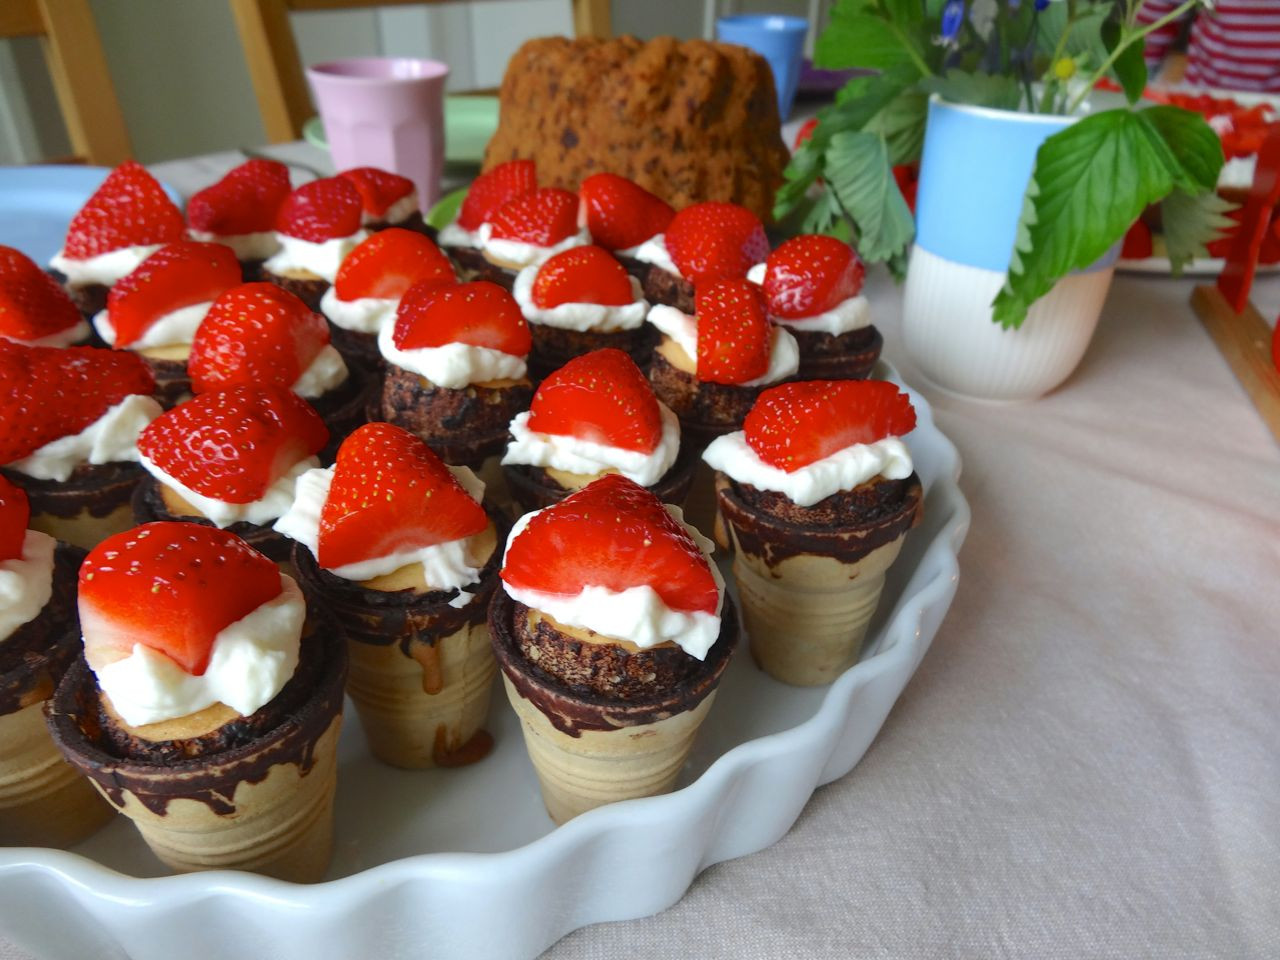 Essen Für Geburtstagsfeier  Frische Brise Die Geburtstagsfeier